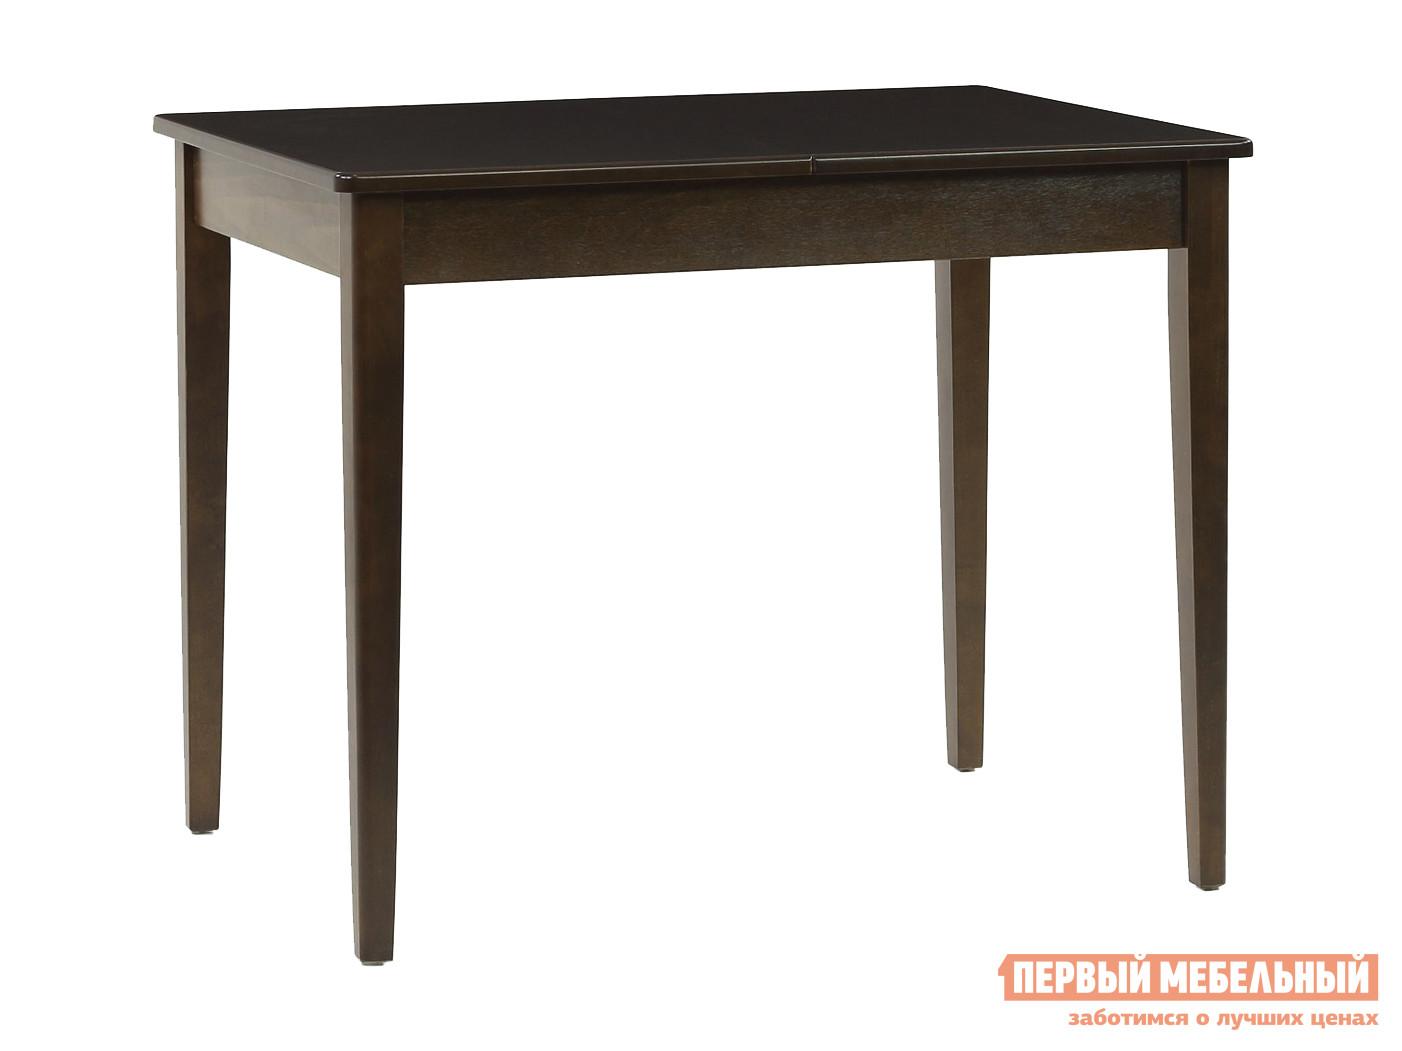 Обеденный стол ДИК Стол Альт-83-12 обеденный стол дик стол альт 69 11